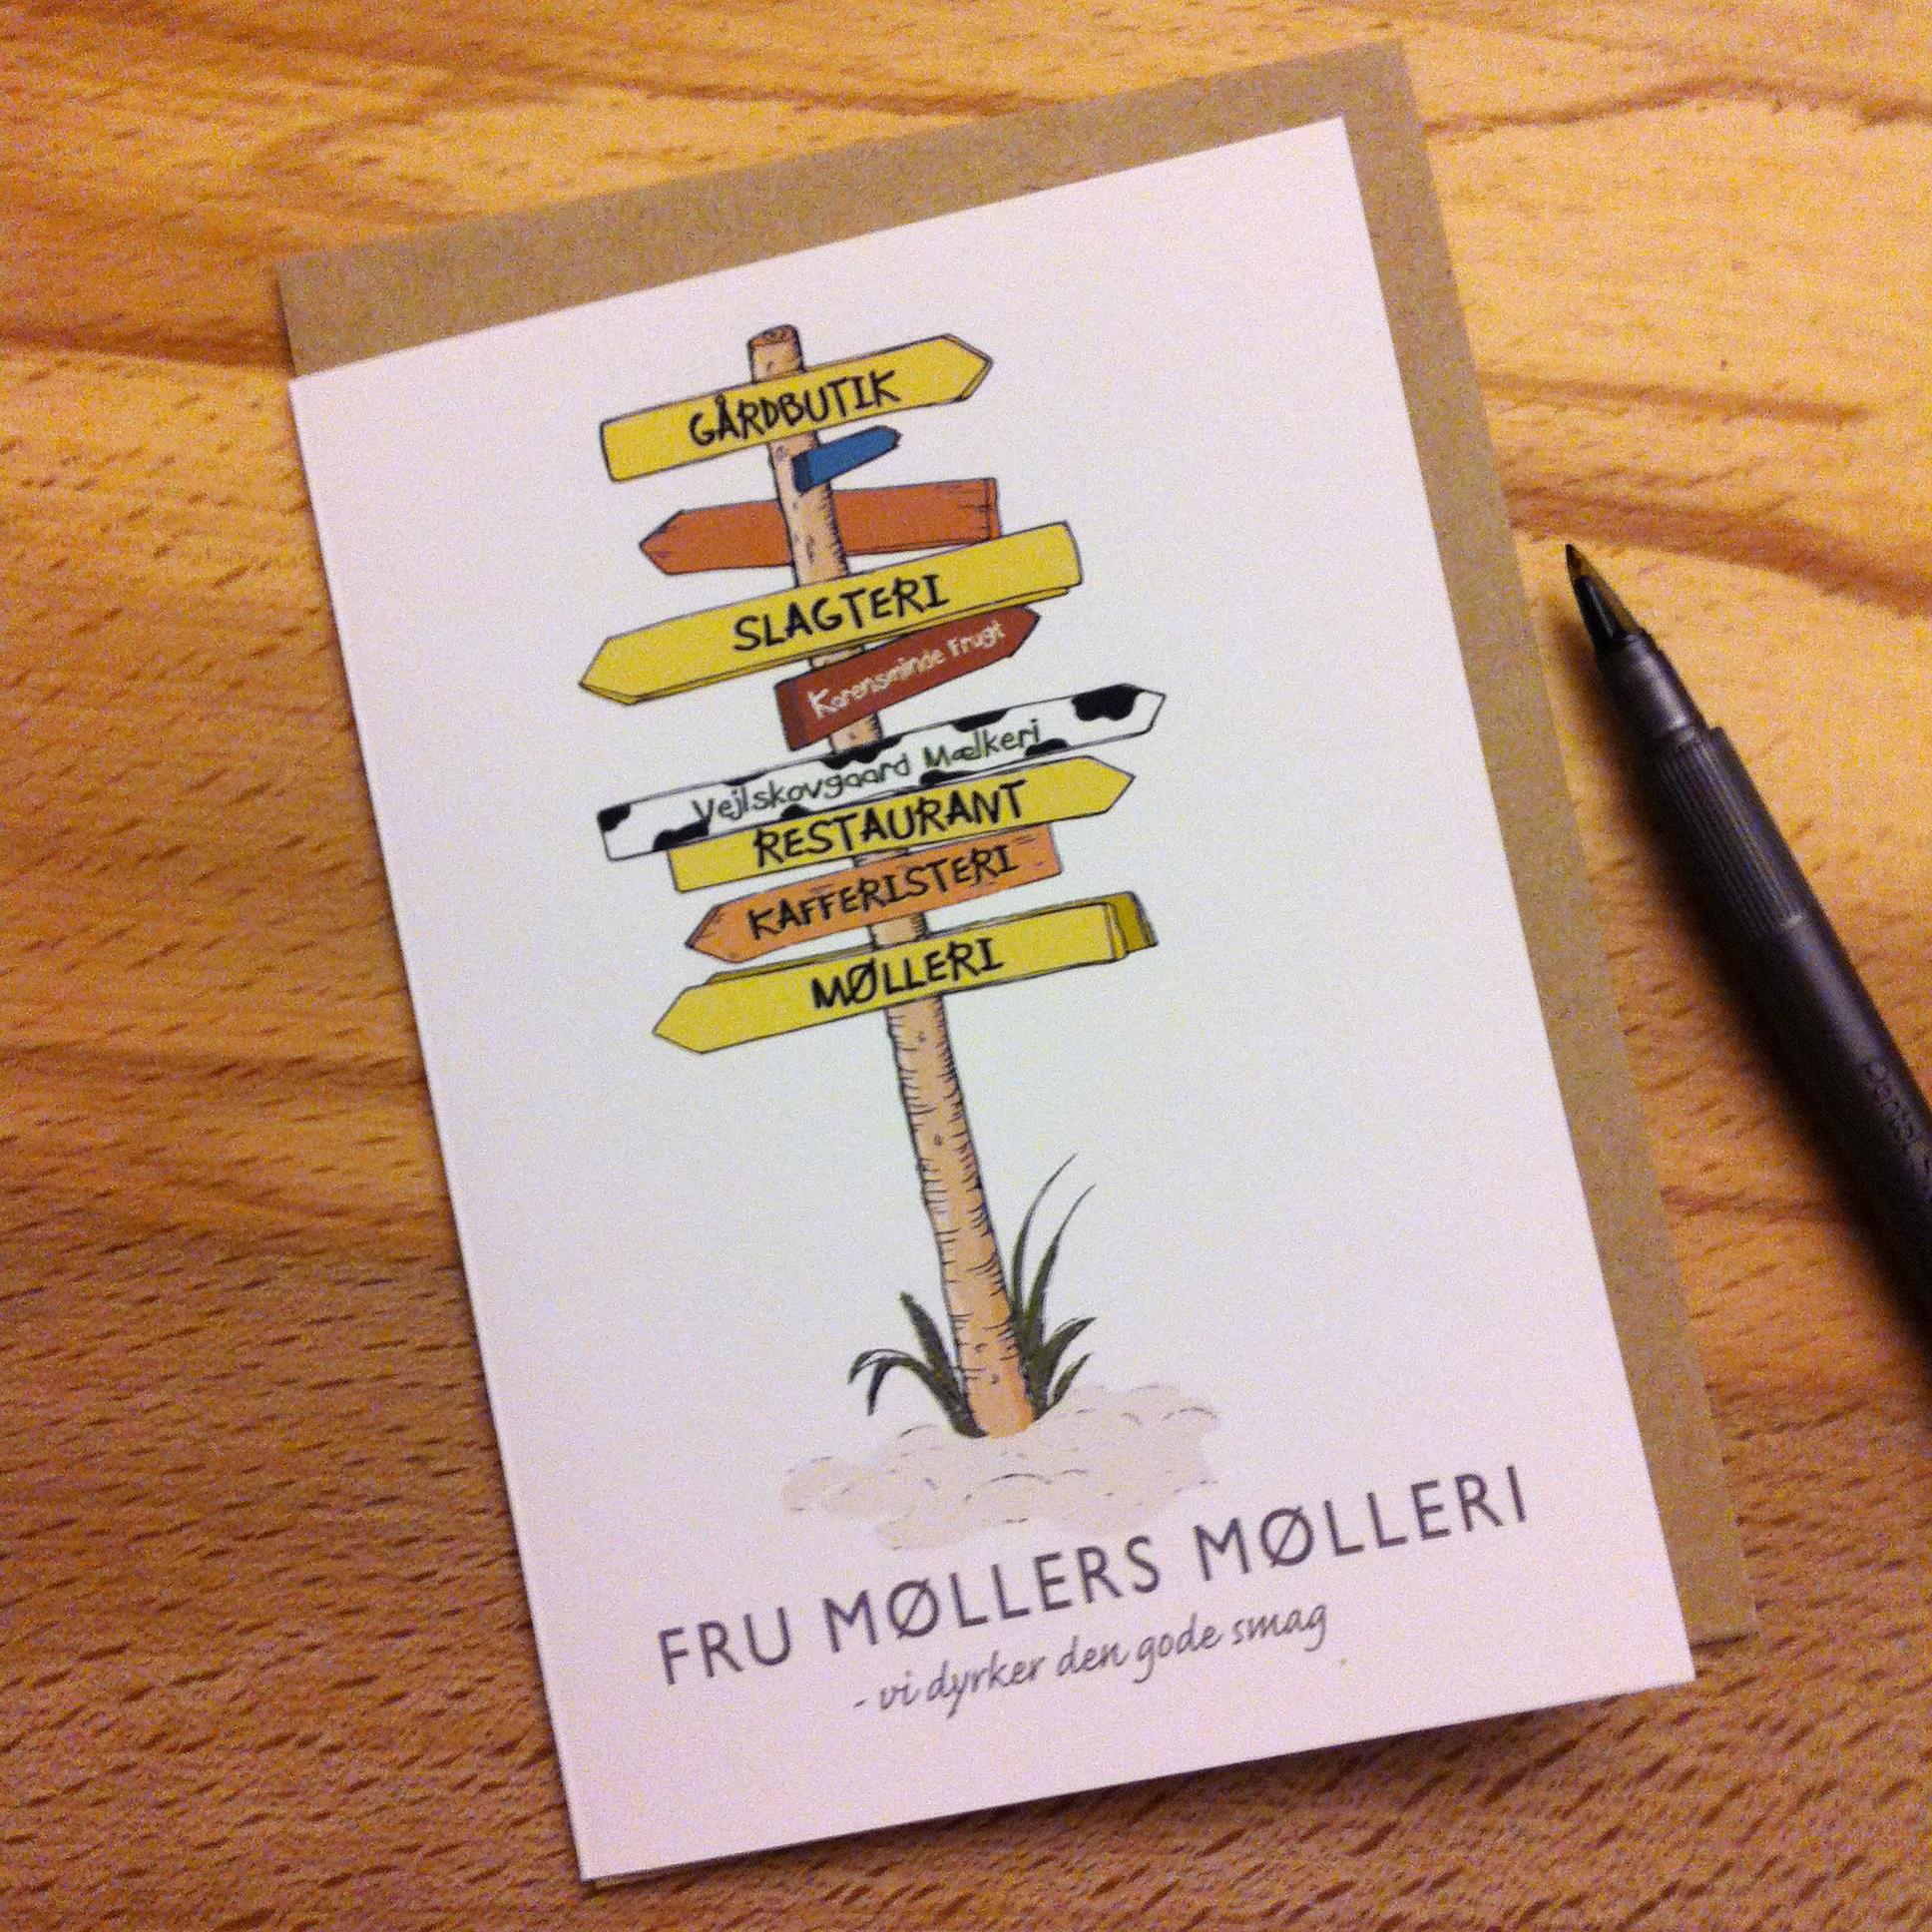 Kort Vejviser Fru Mollers Molleri